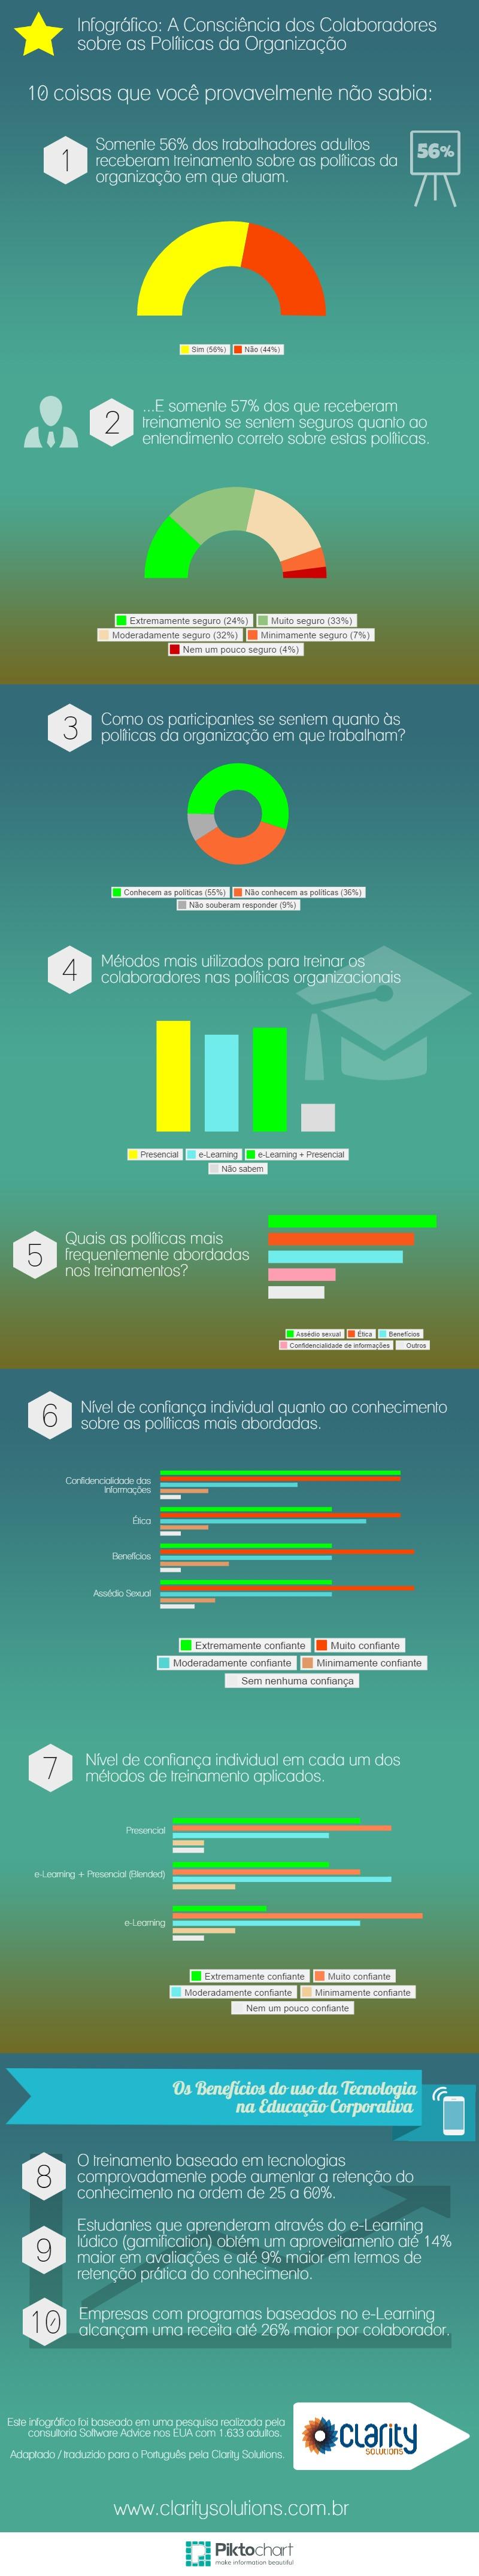 Infográfico - Consciência sobre as Políticas da Organização